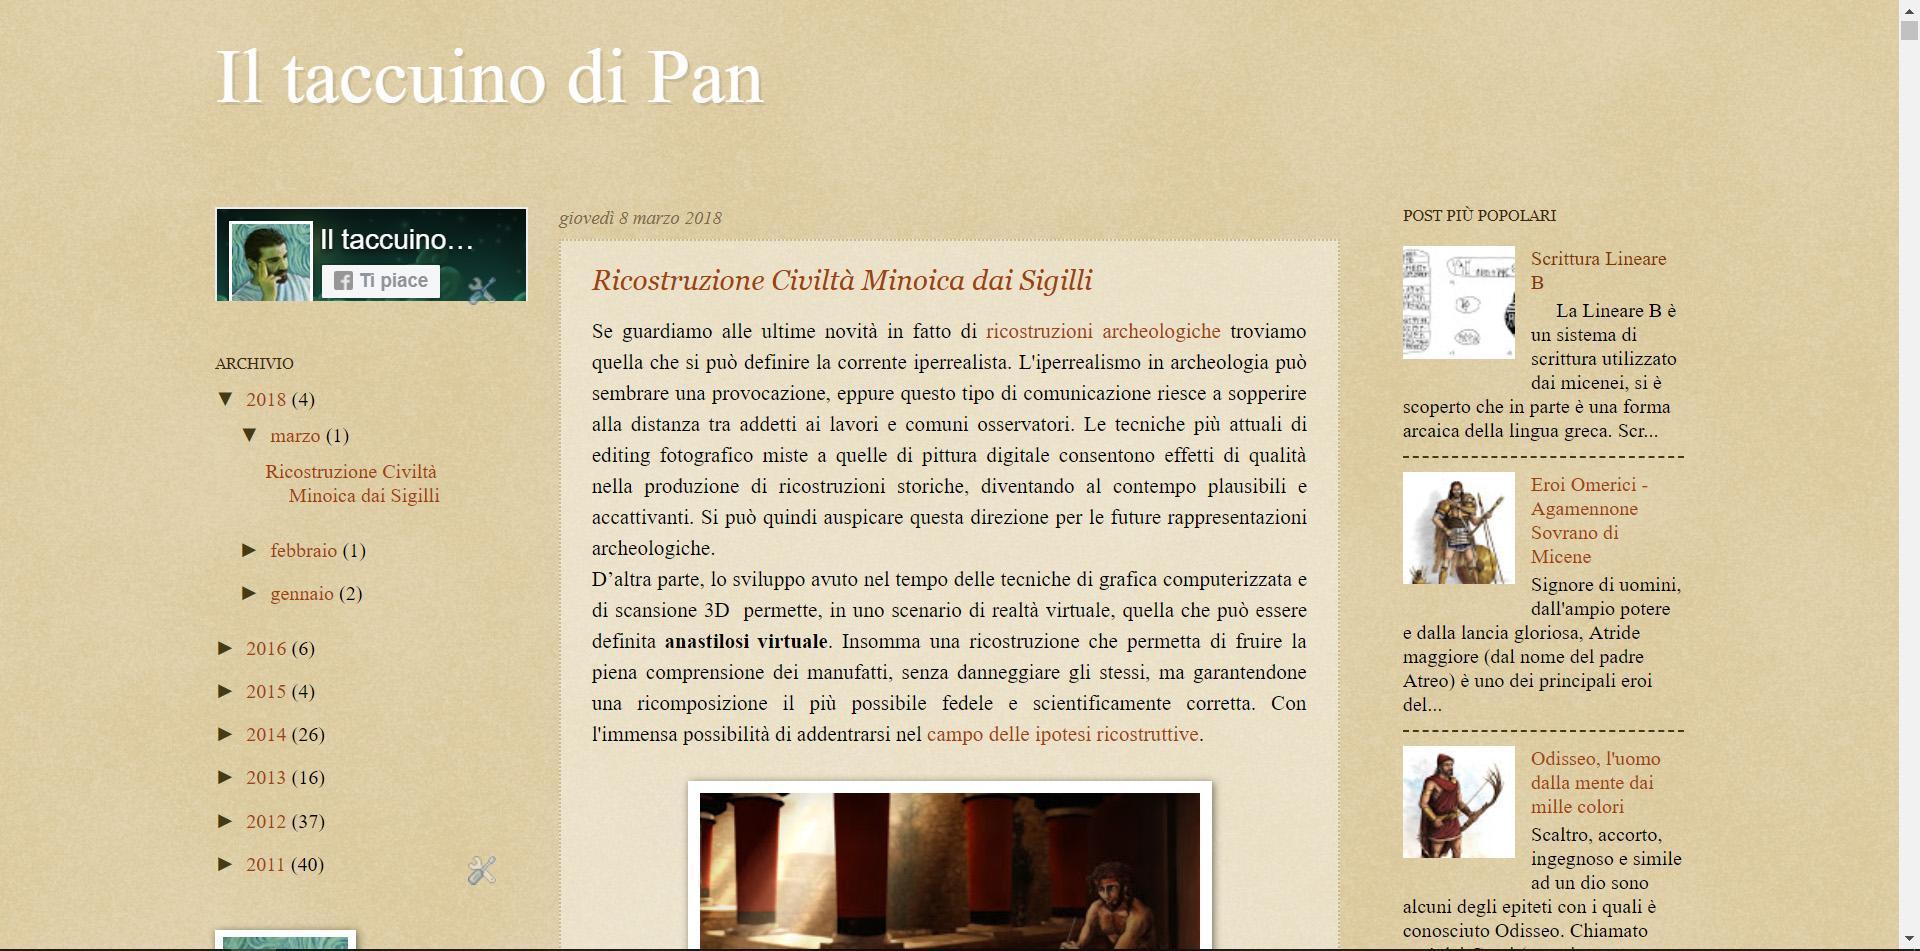 Blog personale, taccuino di Pan, Panaiotis Kruklidis, illustratore, architetto, portfolio, grafica, ricostruzioni